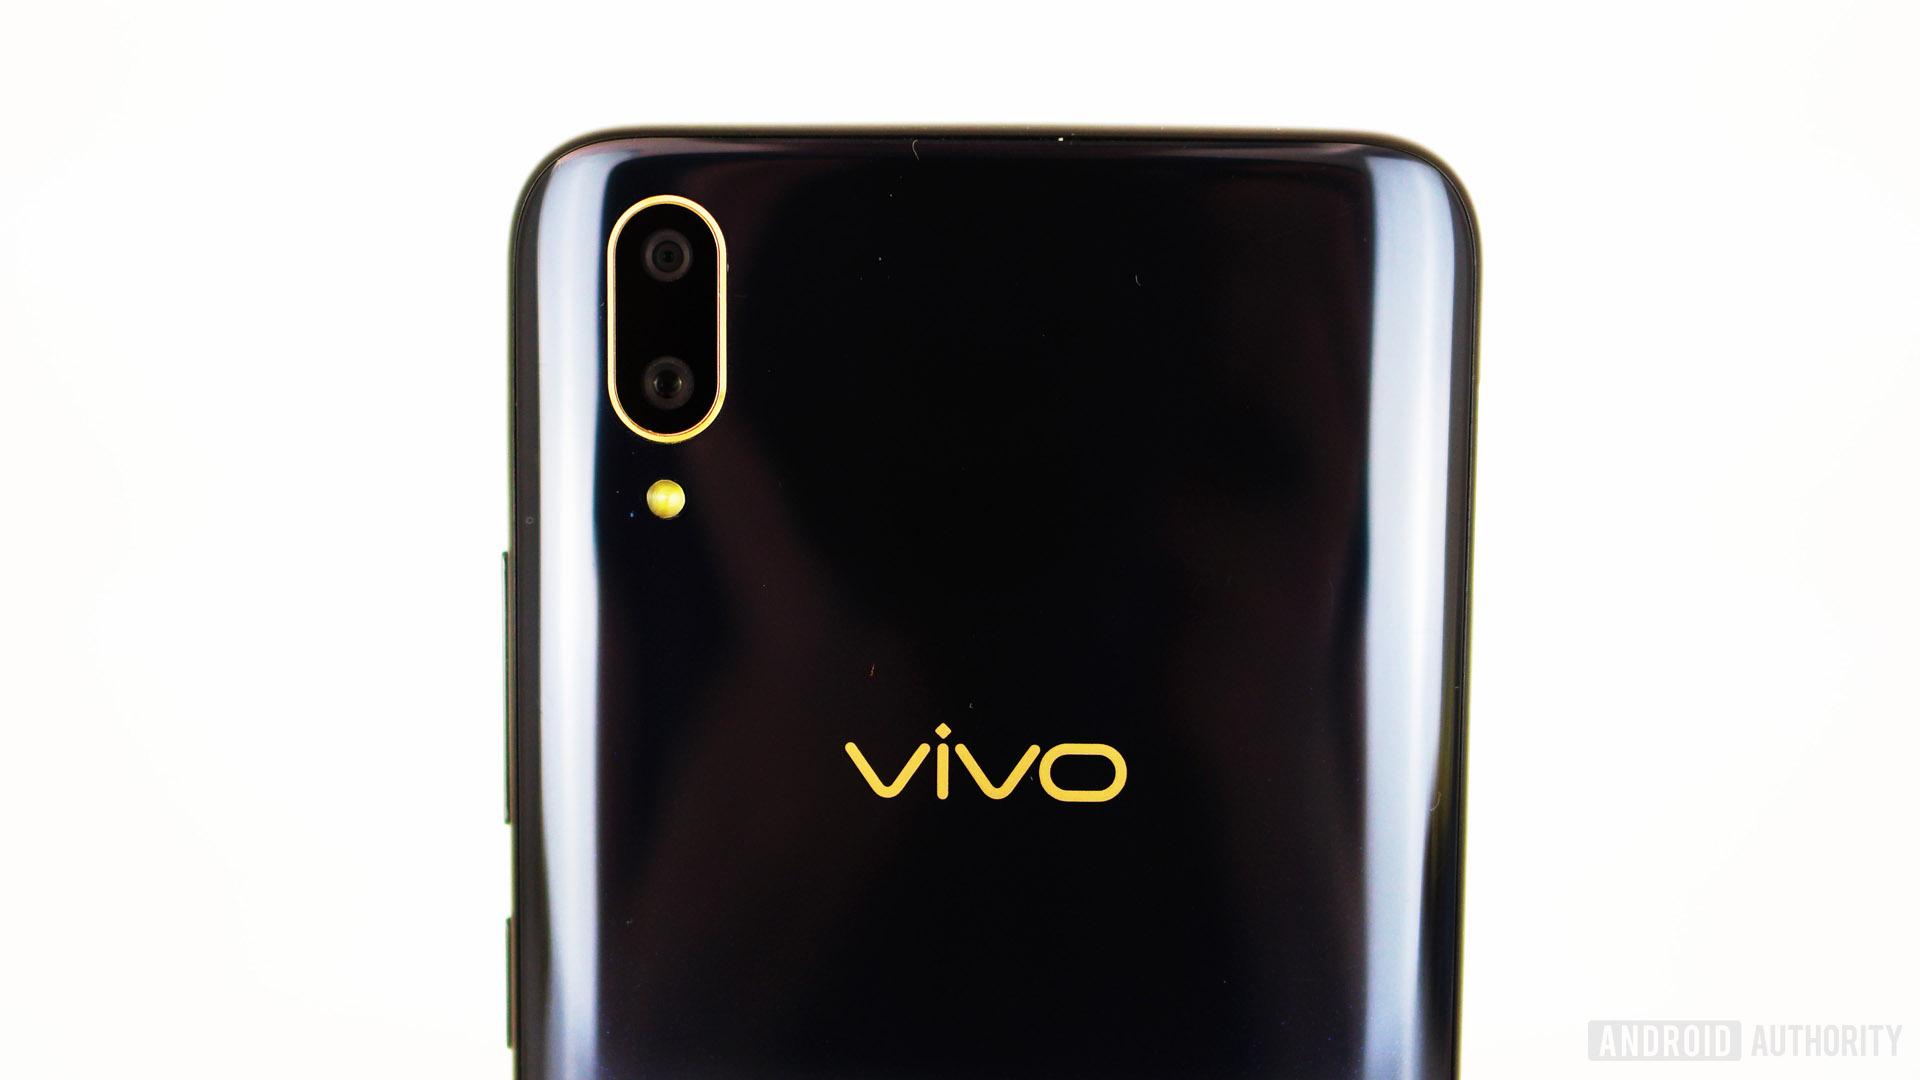 Vivo V11 review - camera